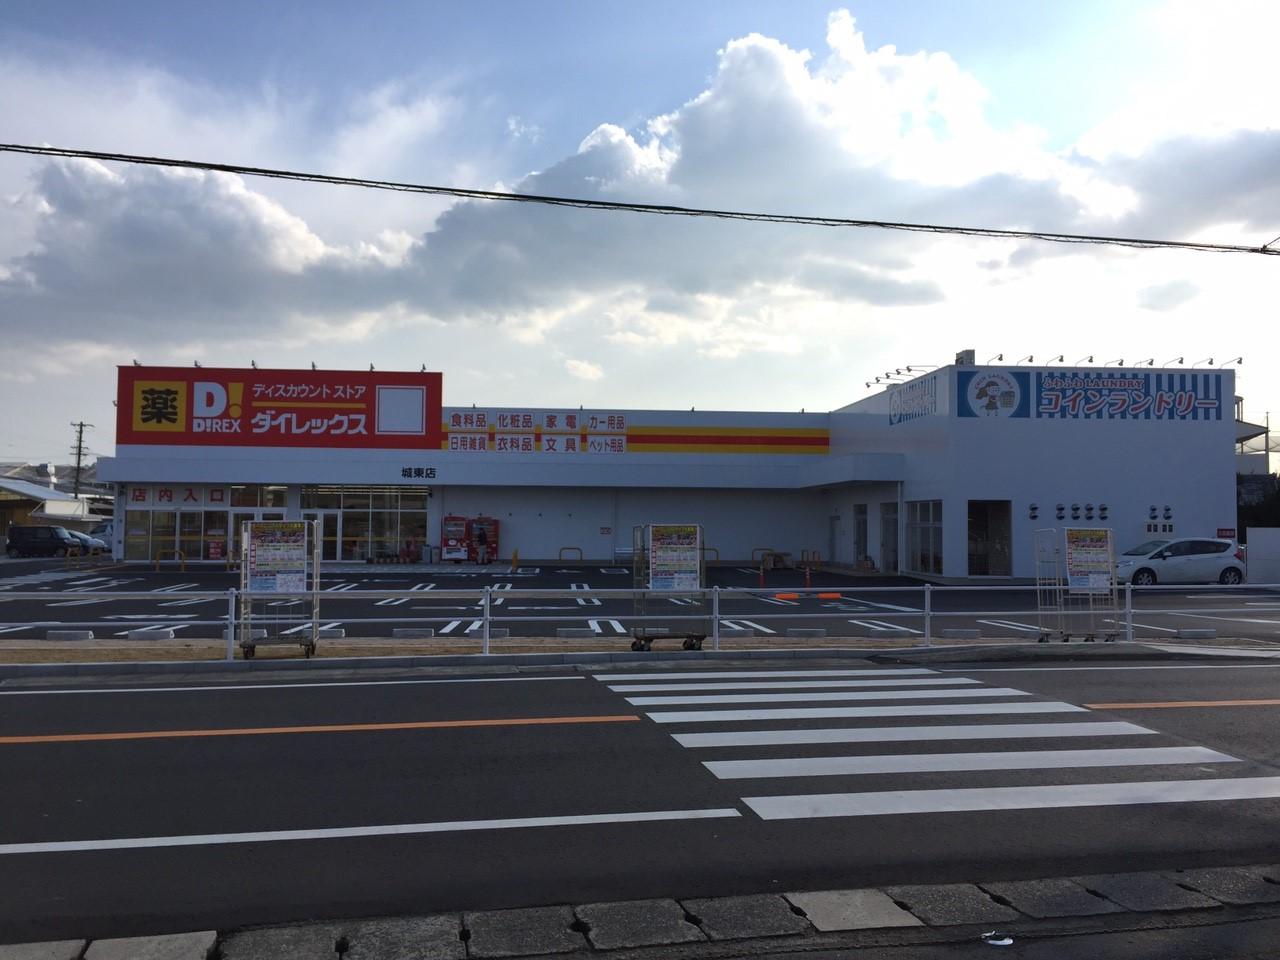 城東に薬ディスカウントストアダイレックス_808